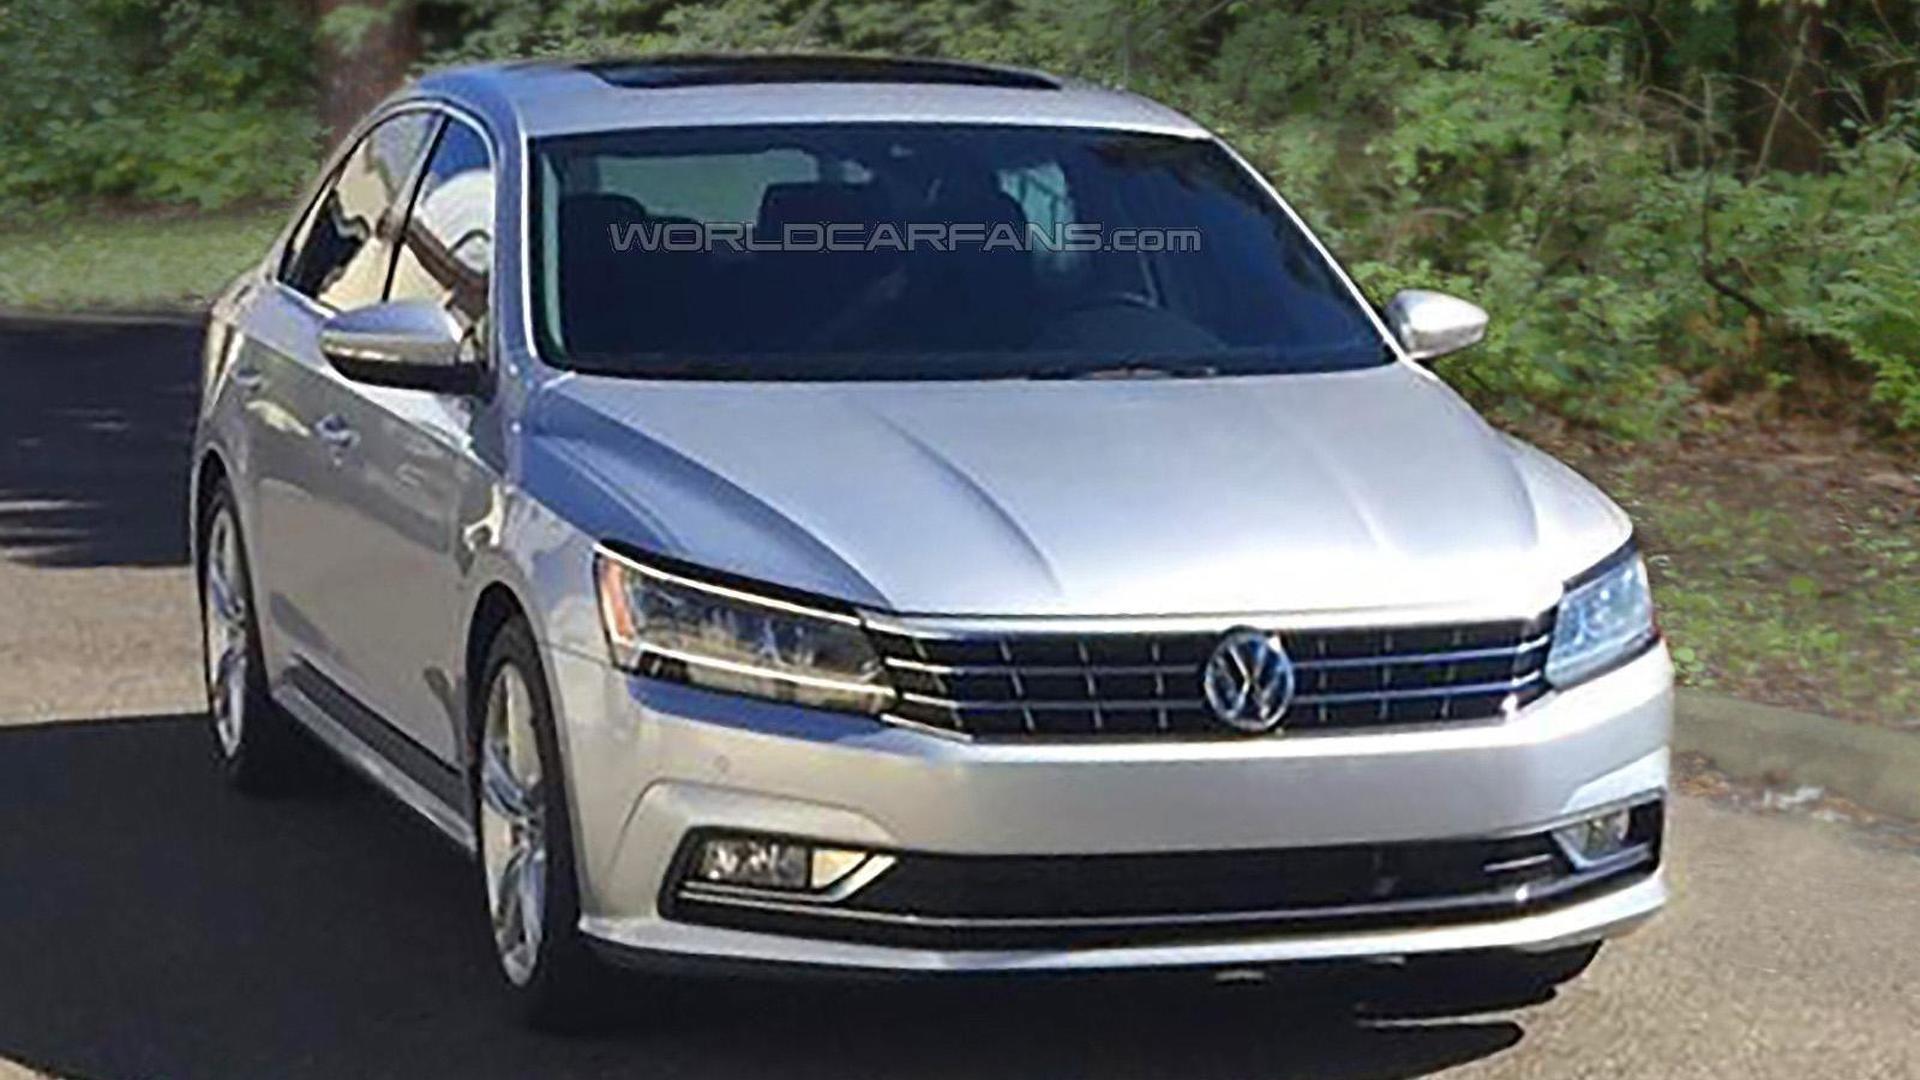 2016 Volkswagen Passat Us Spec Facelift Spied Undisguised During Photo Shoot